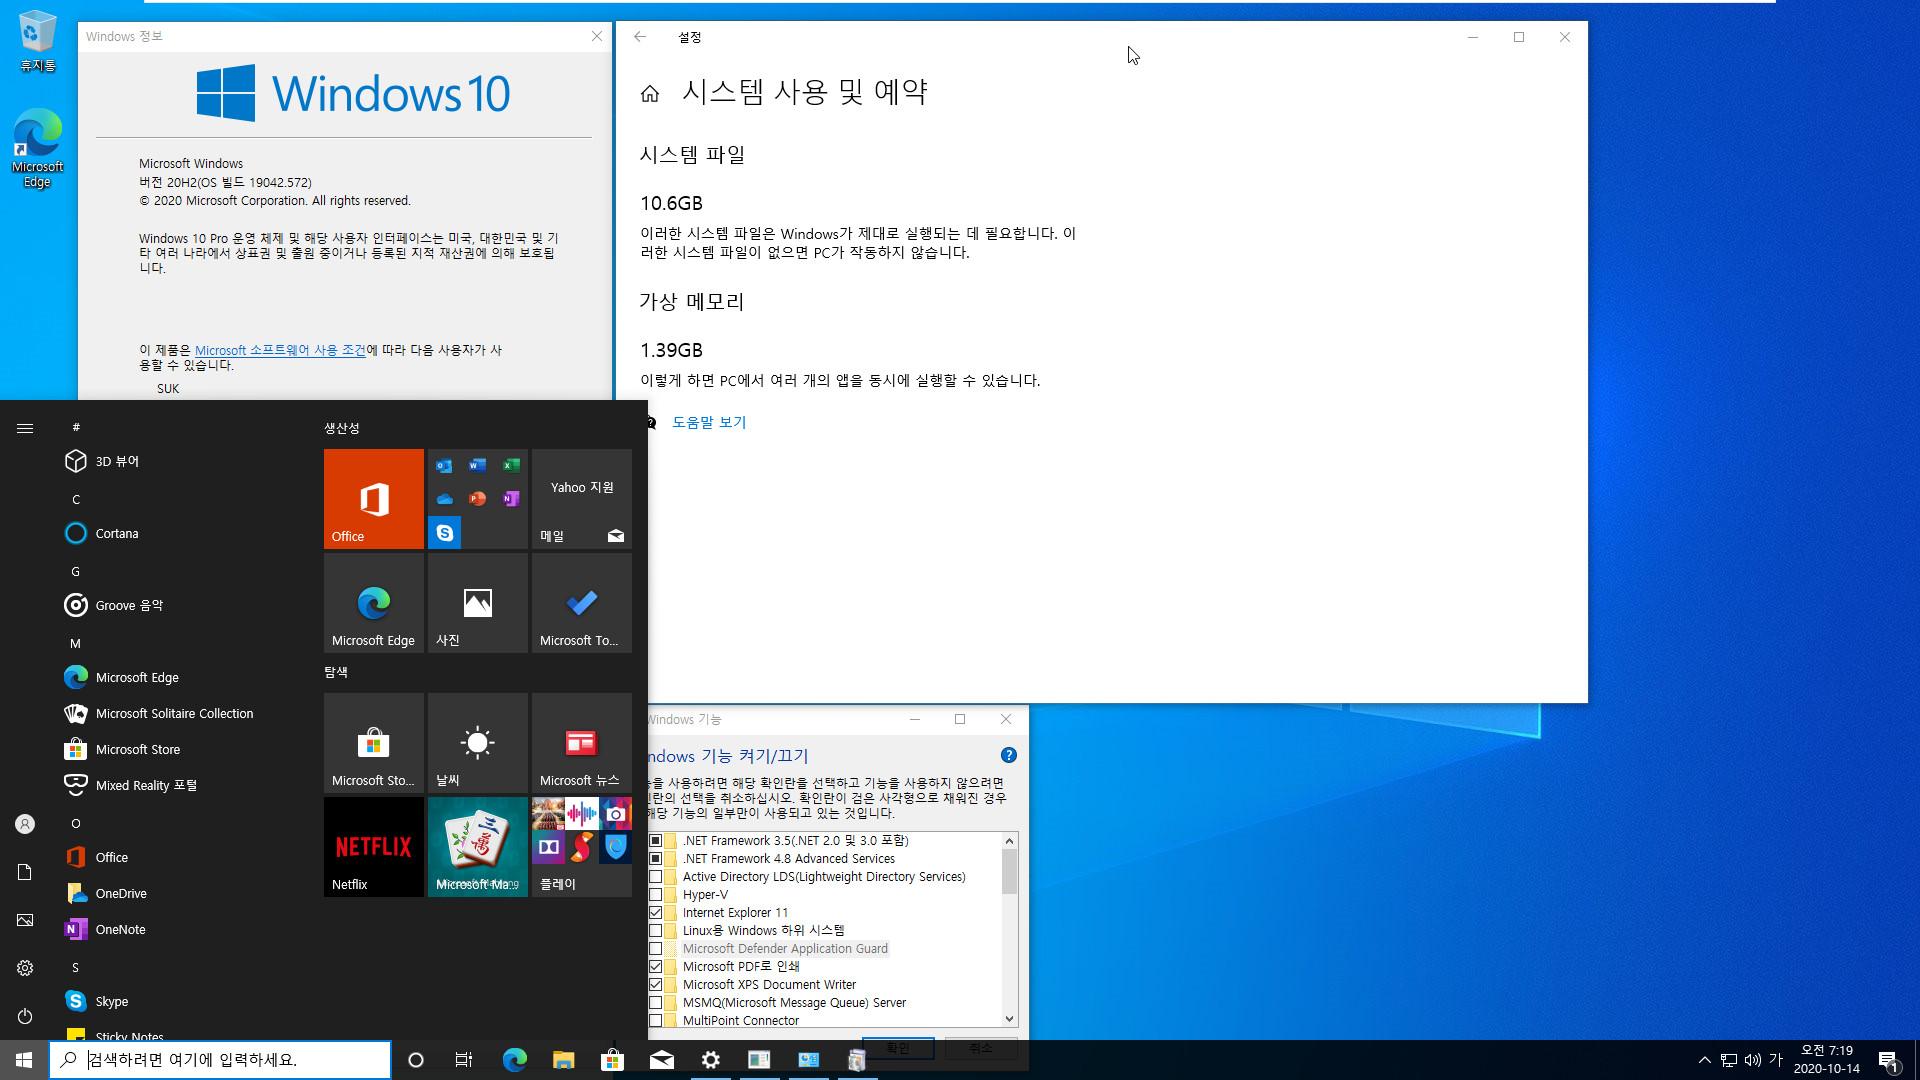 2020-10-14 수요일 정기 업데이트 통합 PRO x64 2개 - Windows 10 버전 2004 + 버전 20H2 누적 업데이트 KB4579311 (OS 빌드 19041.572 + 19042.572) - 설치 테스트 2020-10-14_071950.jpg